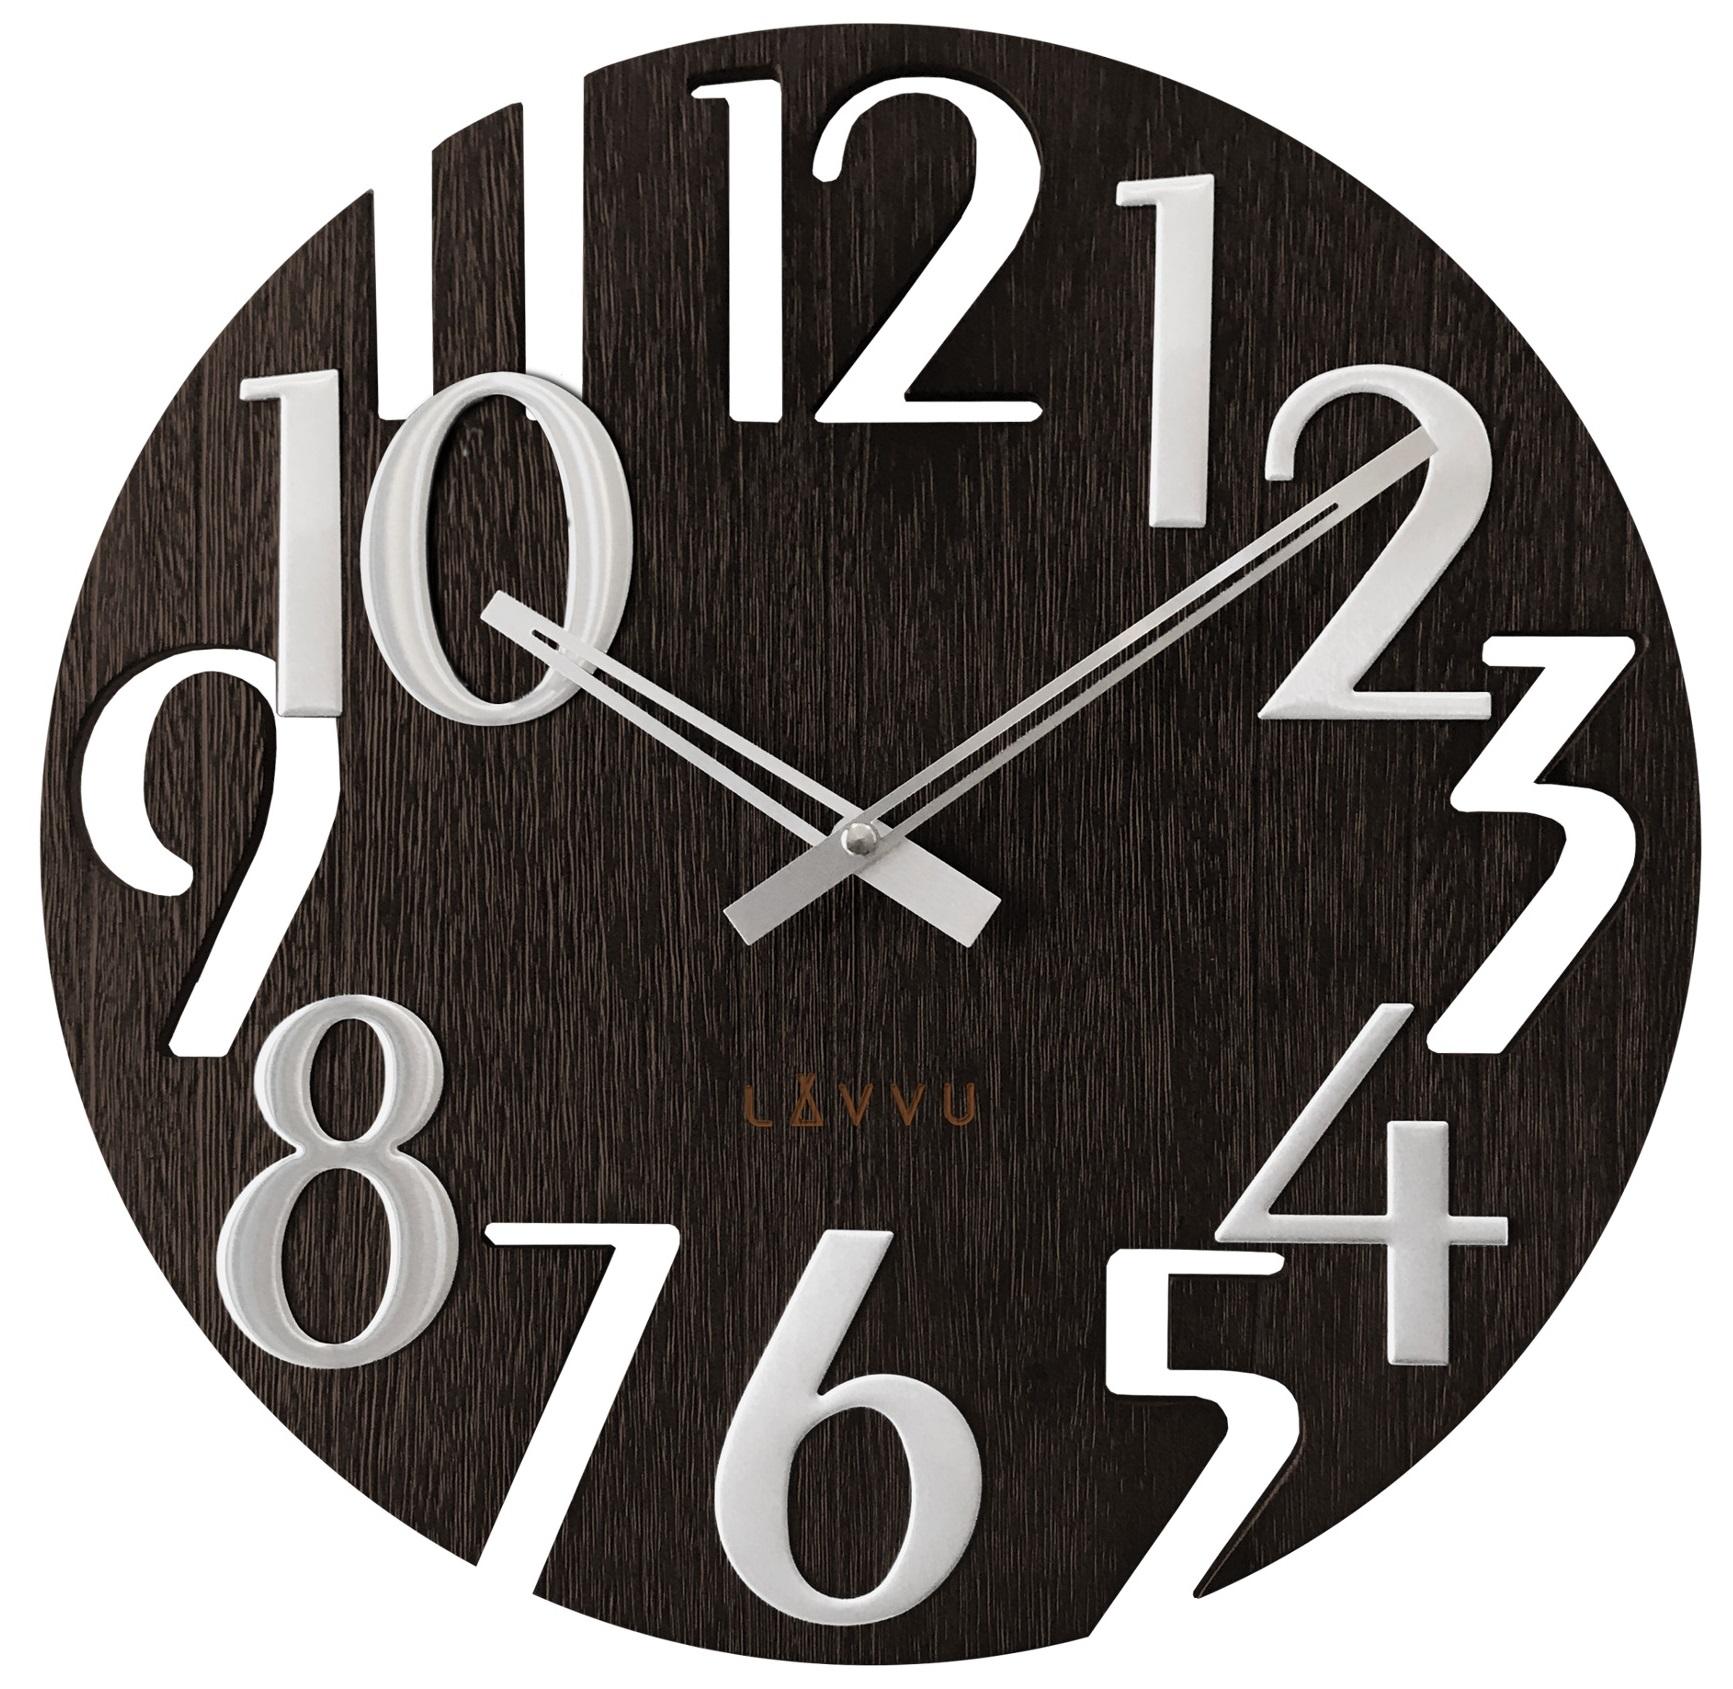 Stylové dřevěné moderní hodiny LAVVU STYLE Black Wood LCT1010 (POŠTOVNÉ ZDARMA!!)